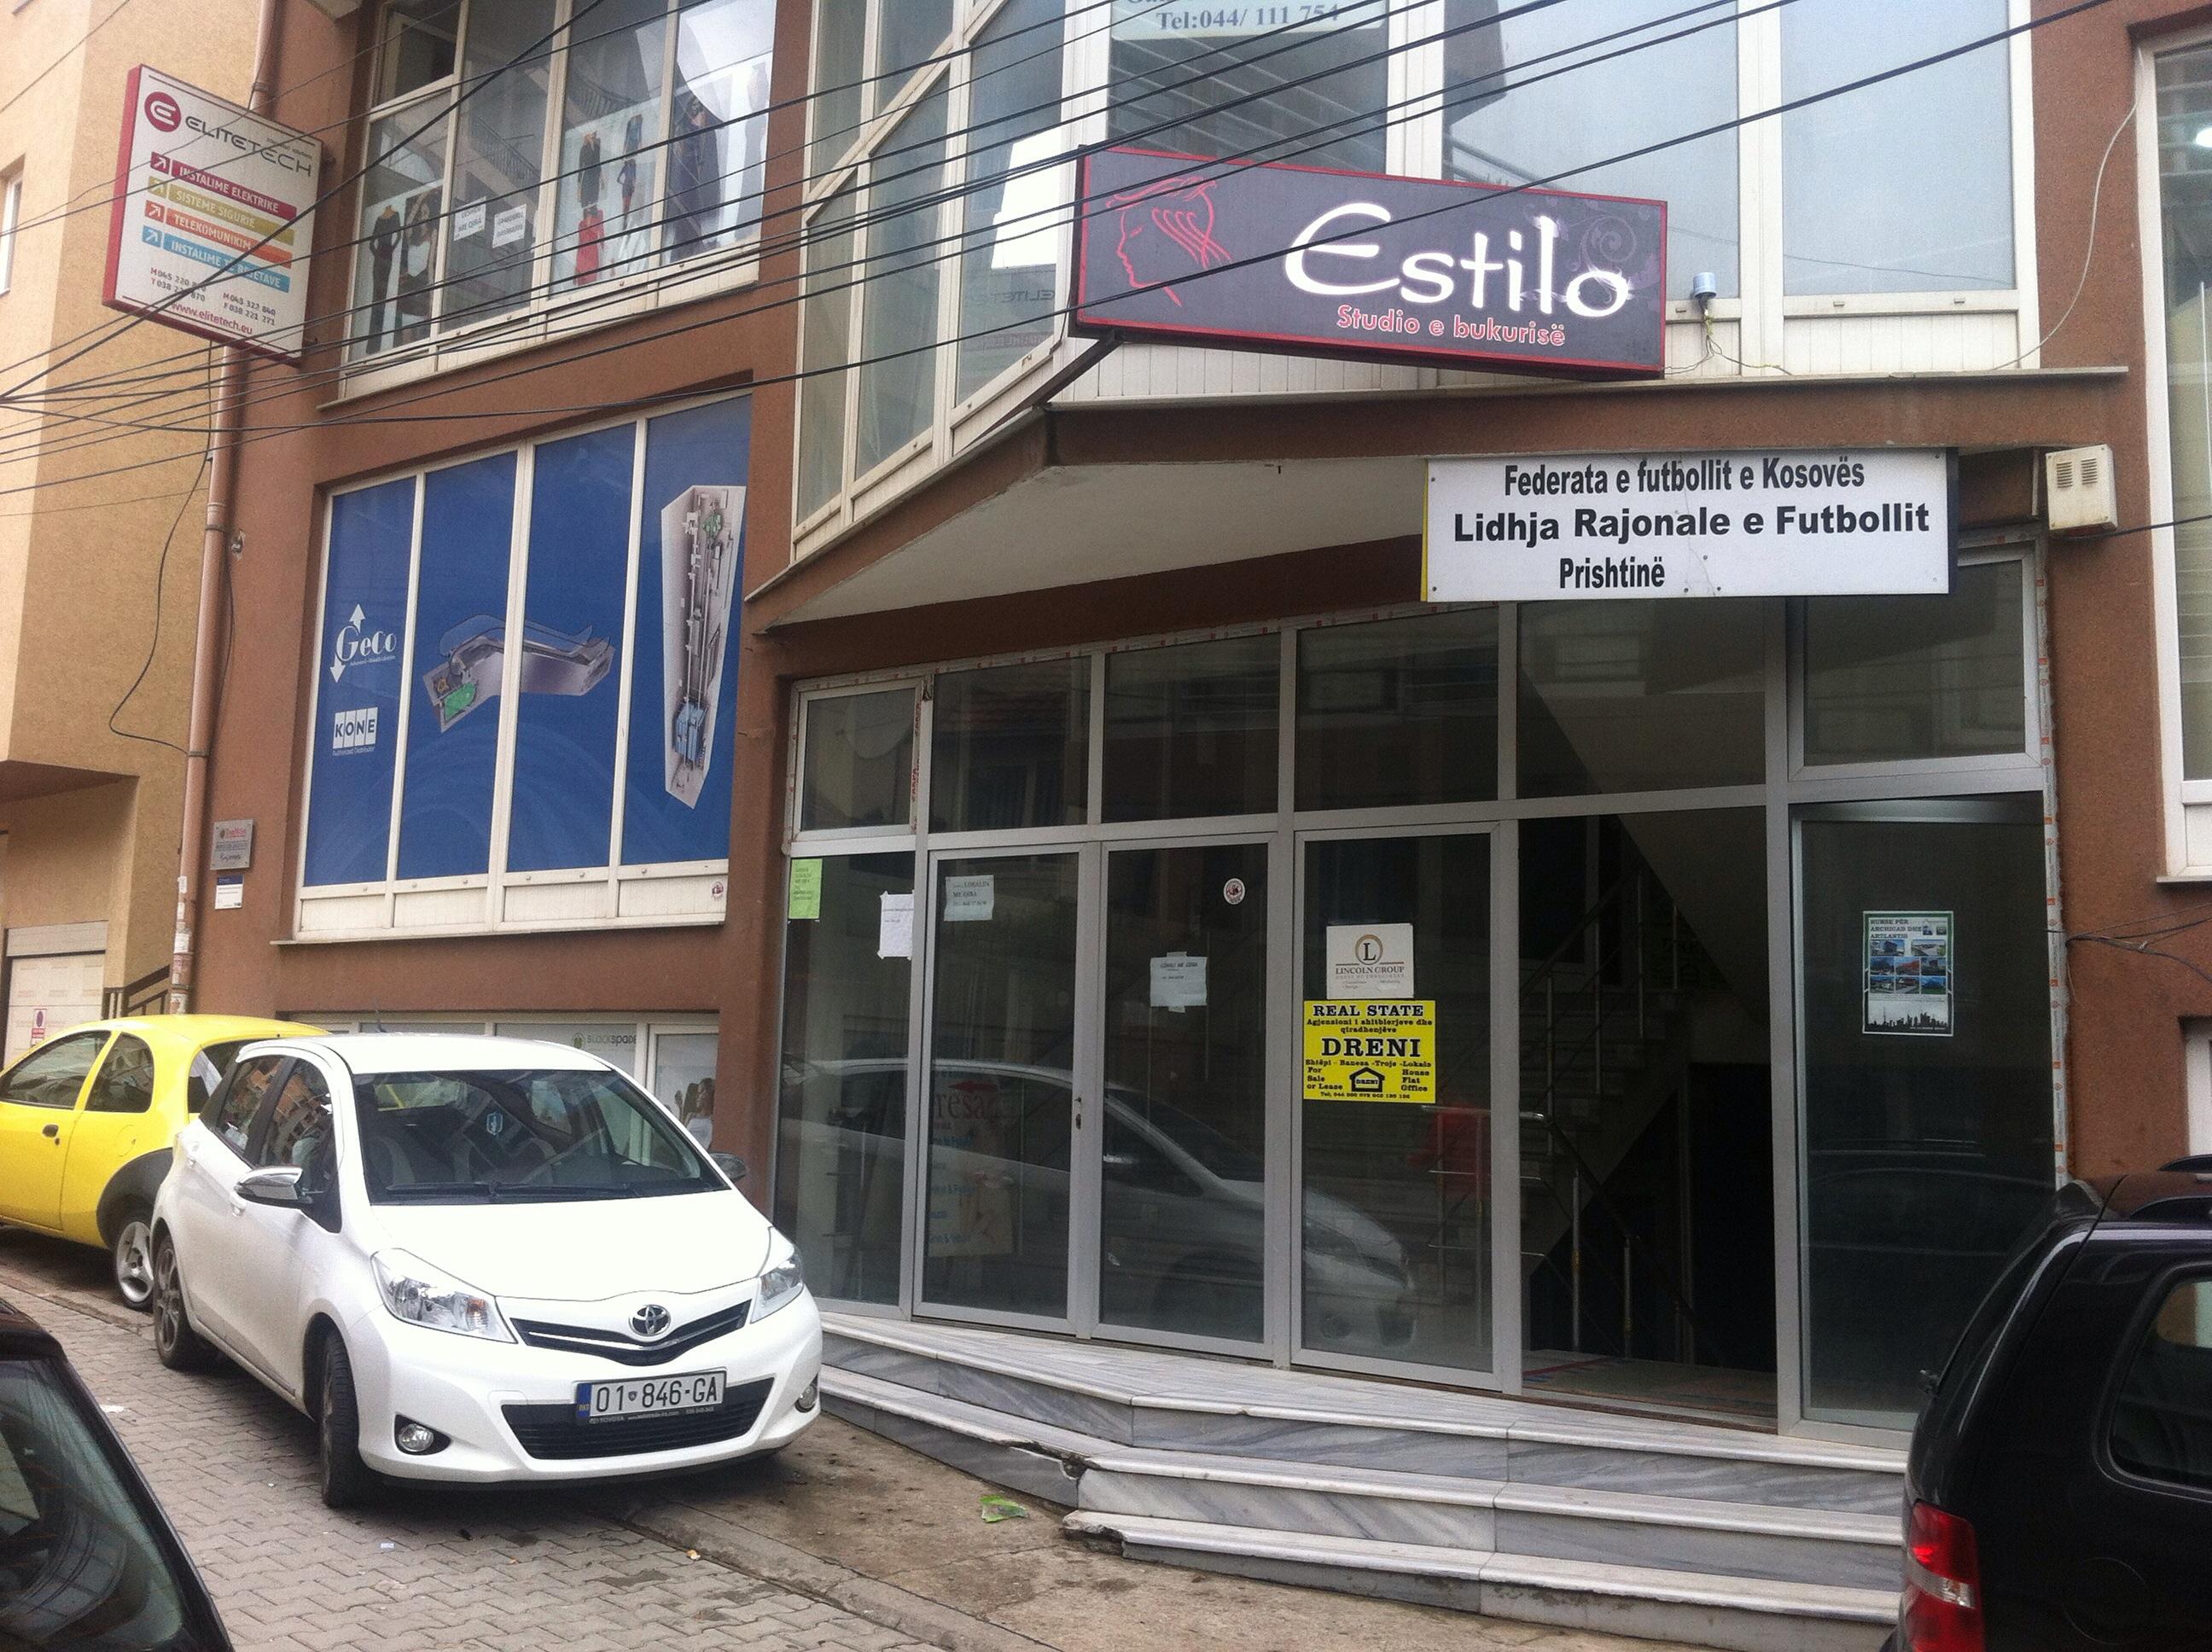 Shitet lokali 42m2, kati përdhese në Lagjen Dodona, mbrapa Teatrit Kombtar.